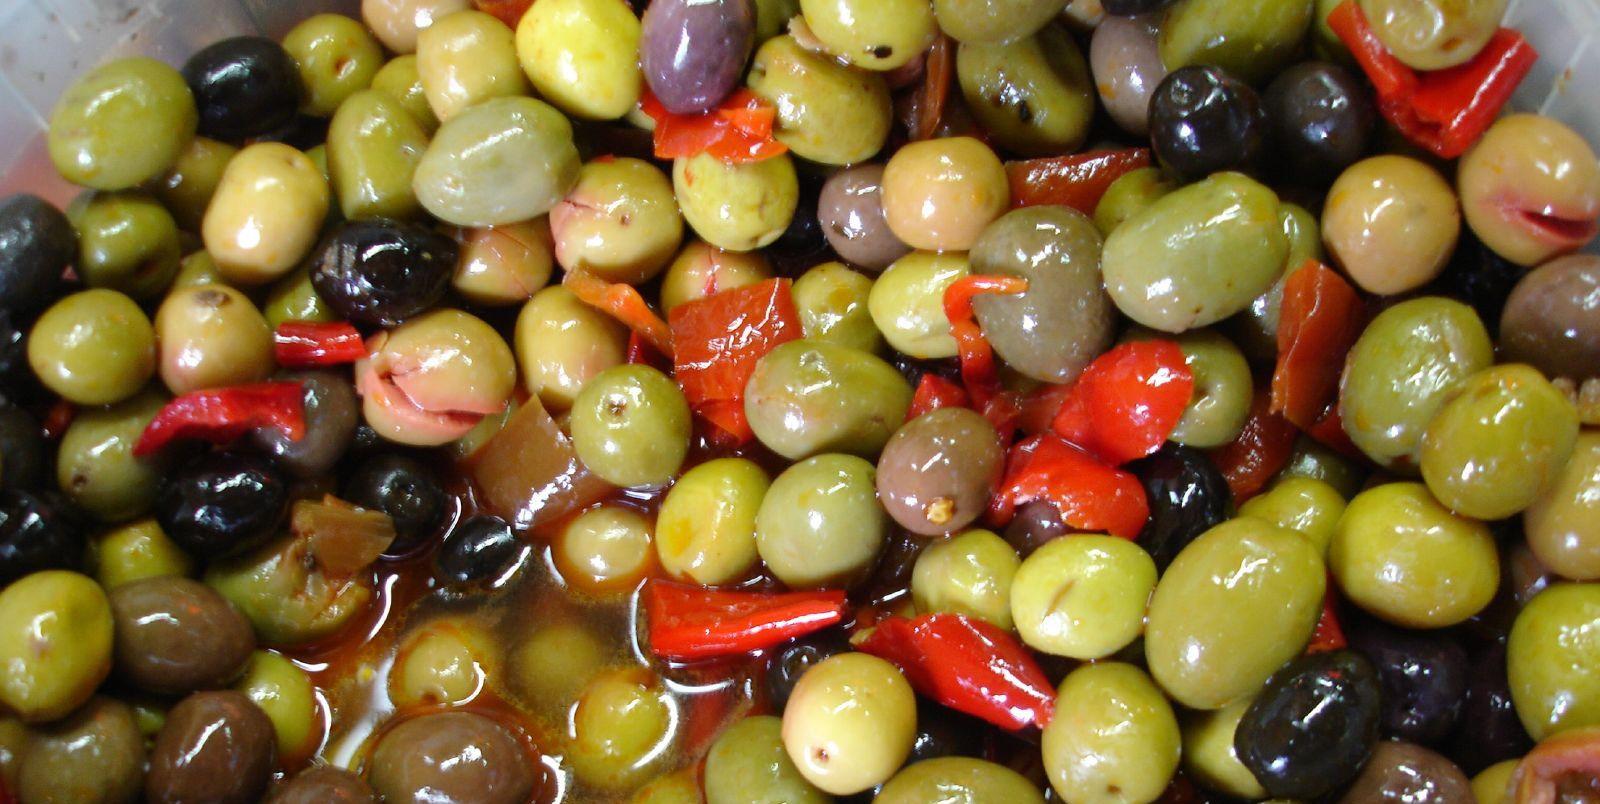 Olives_in_a_bag